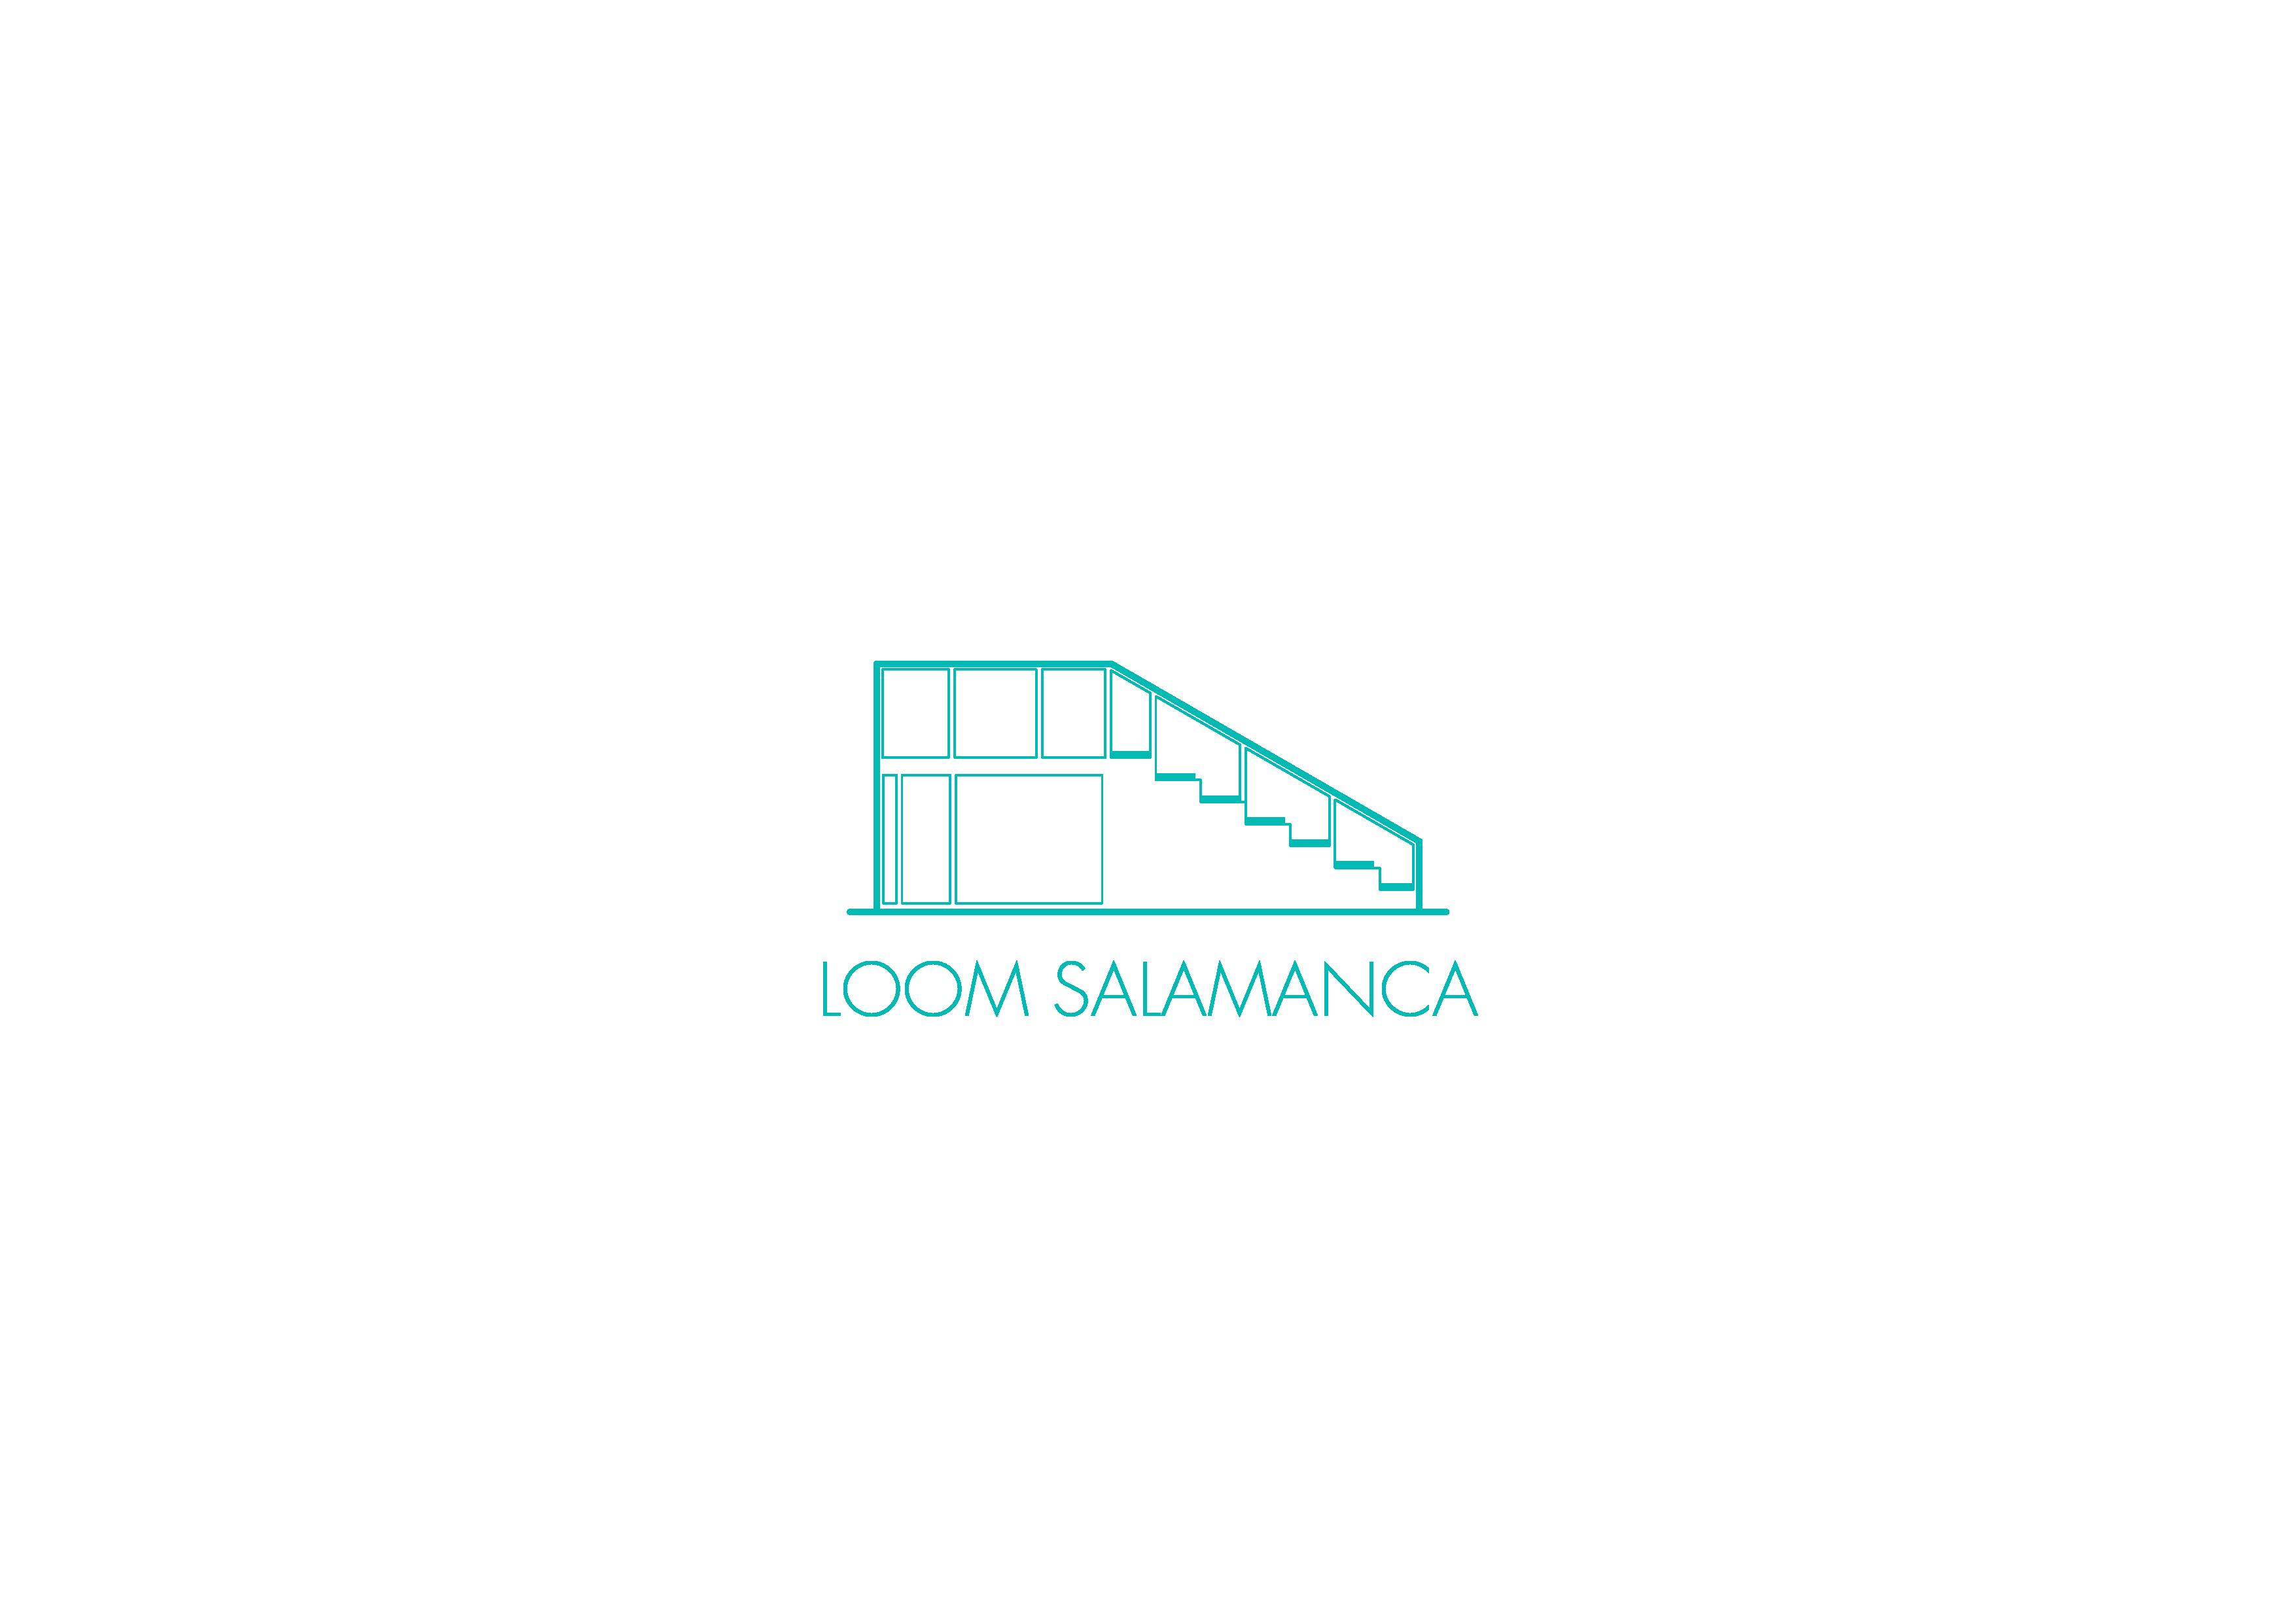 ICONO_ESPACIOS LOOM_LOOM SALAMANCA